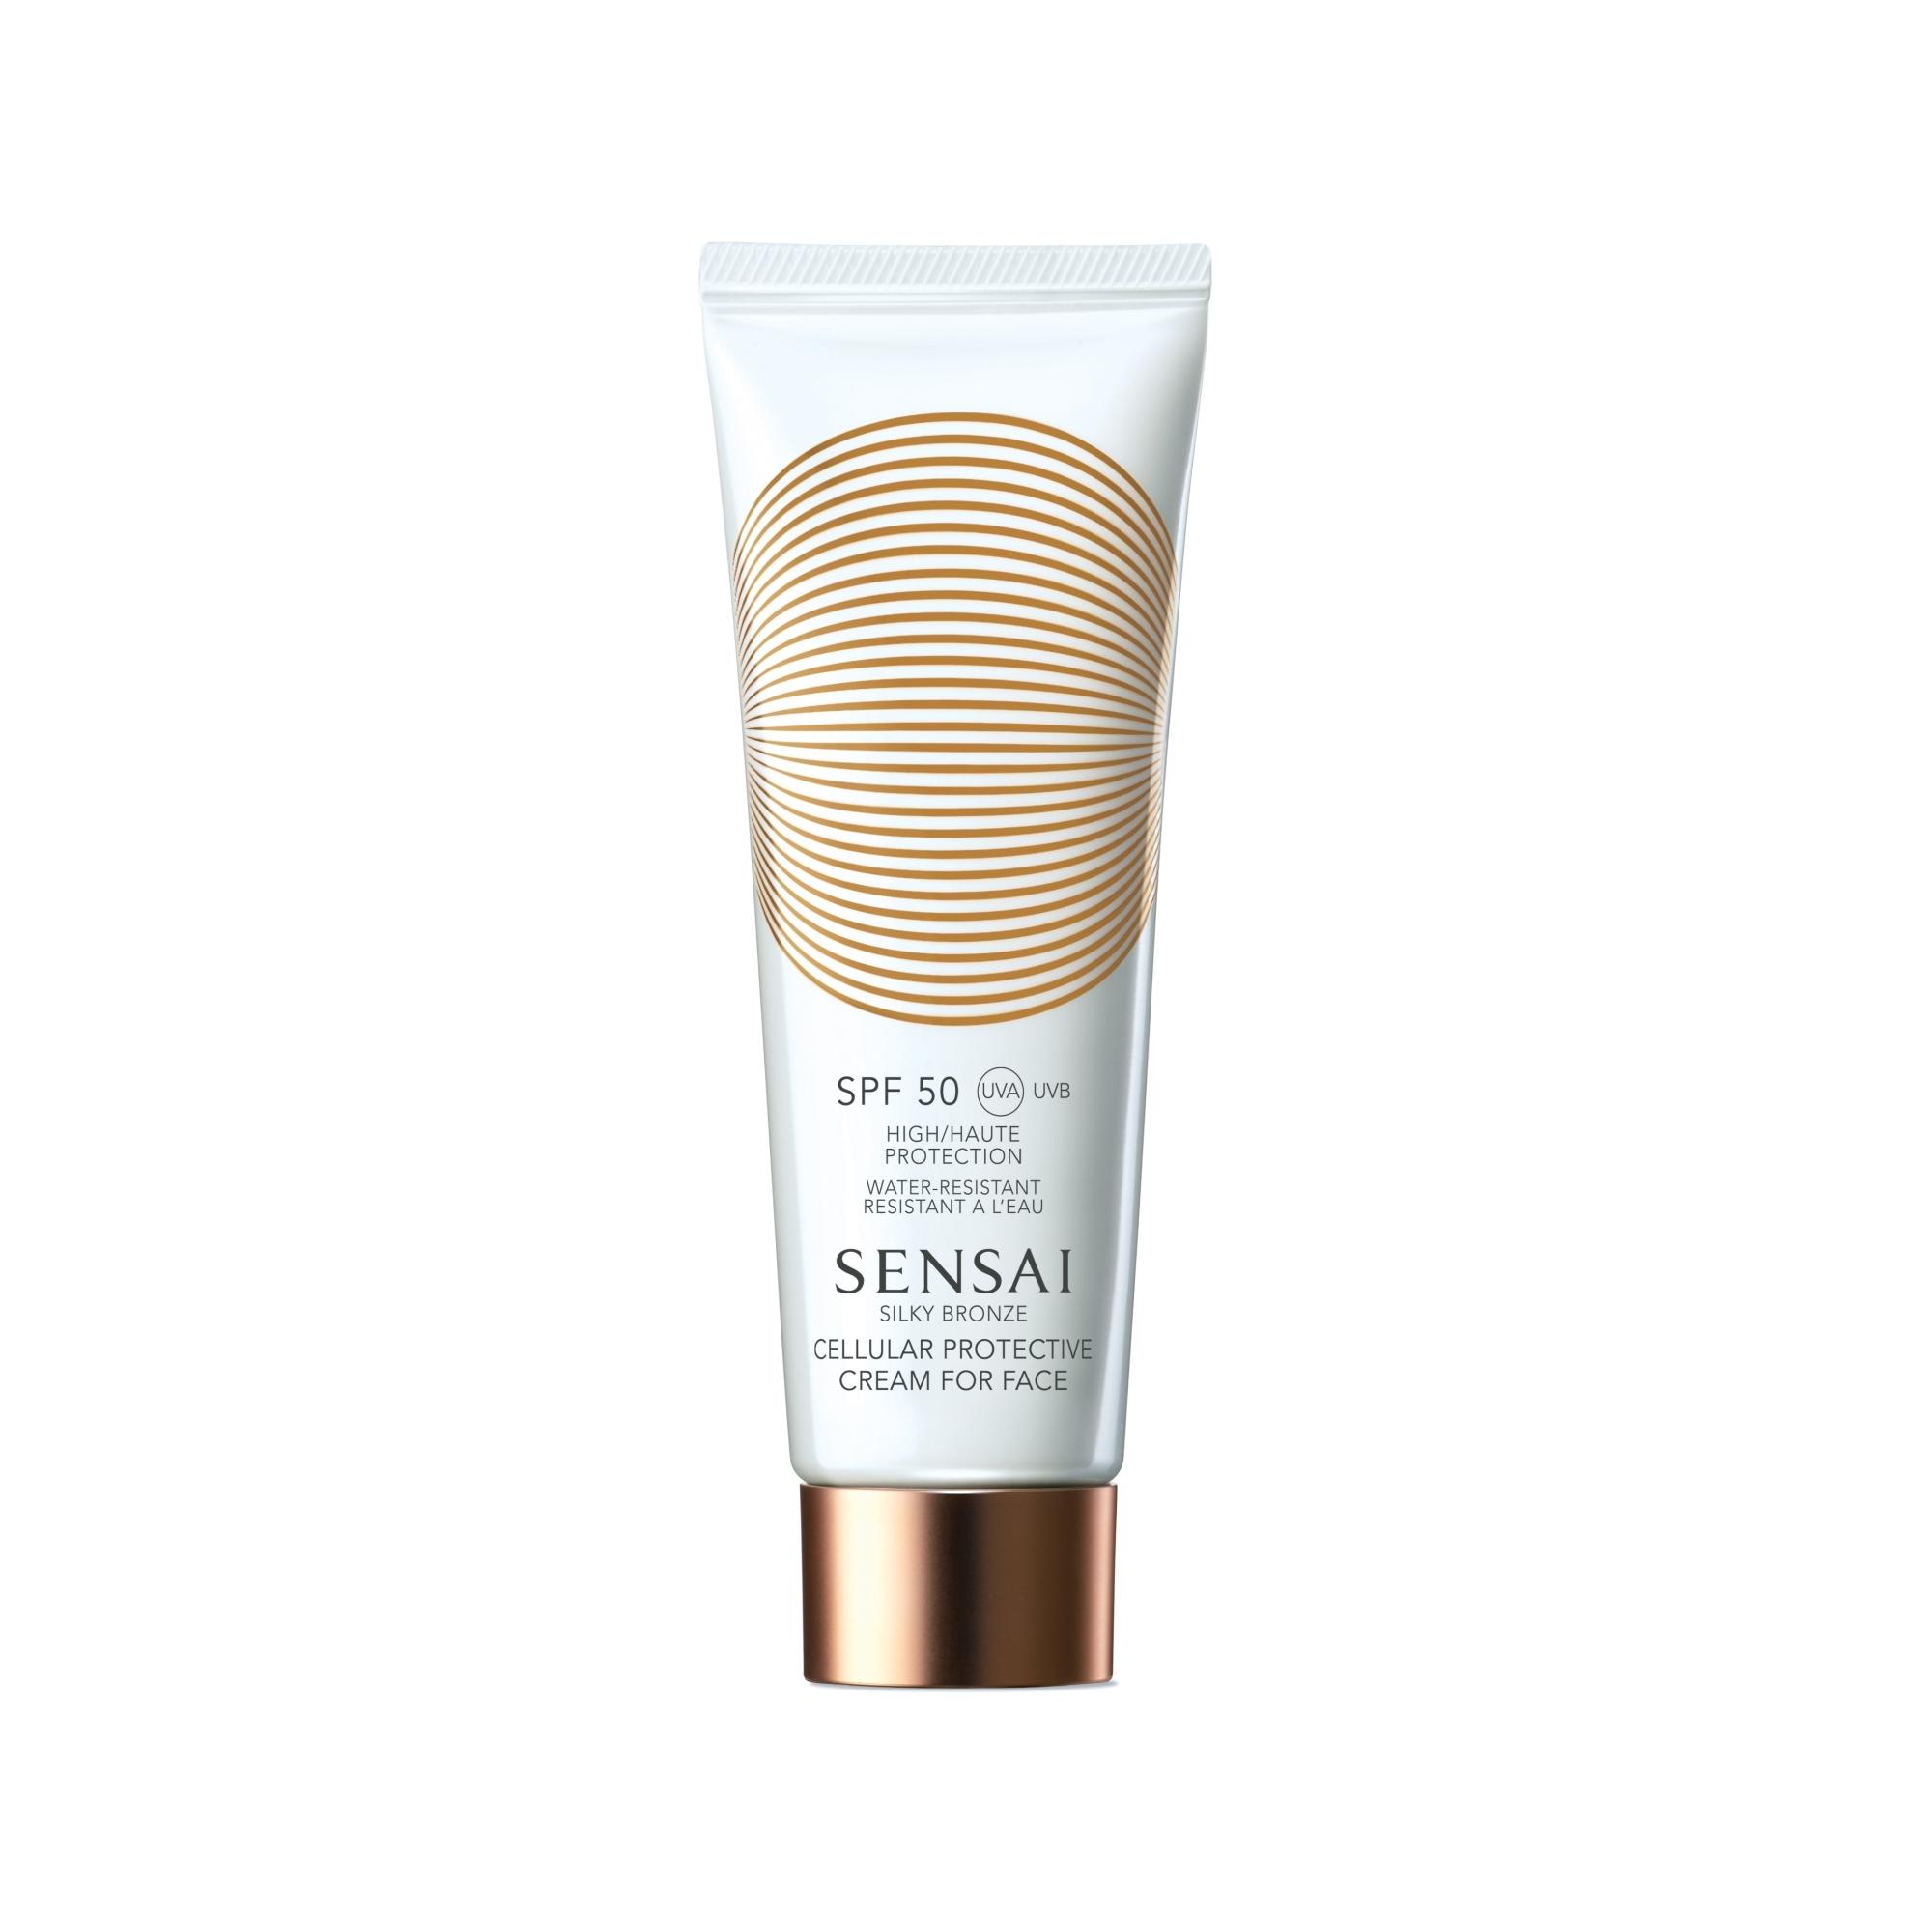 Silky Bronze Protective Cream for Face SPF 50